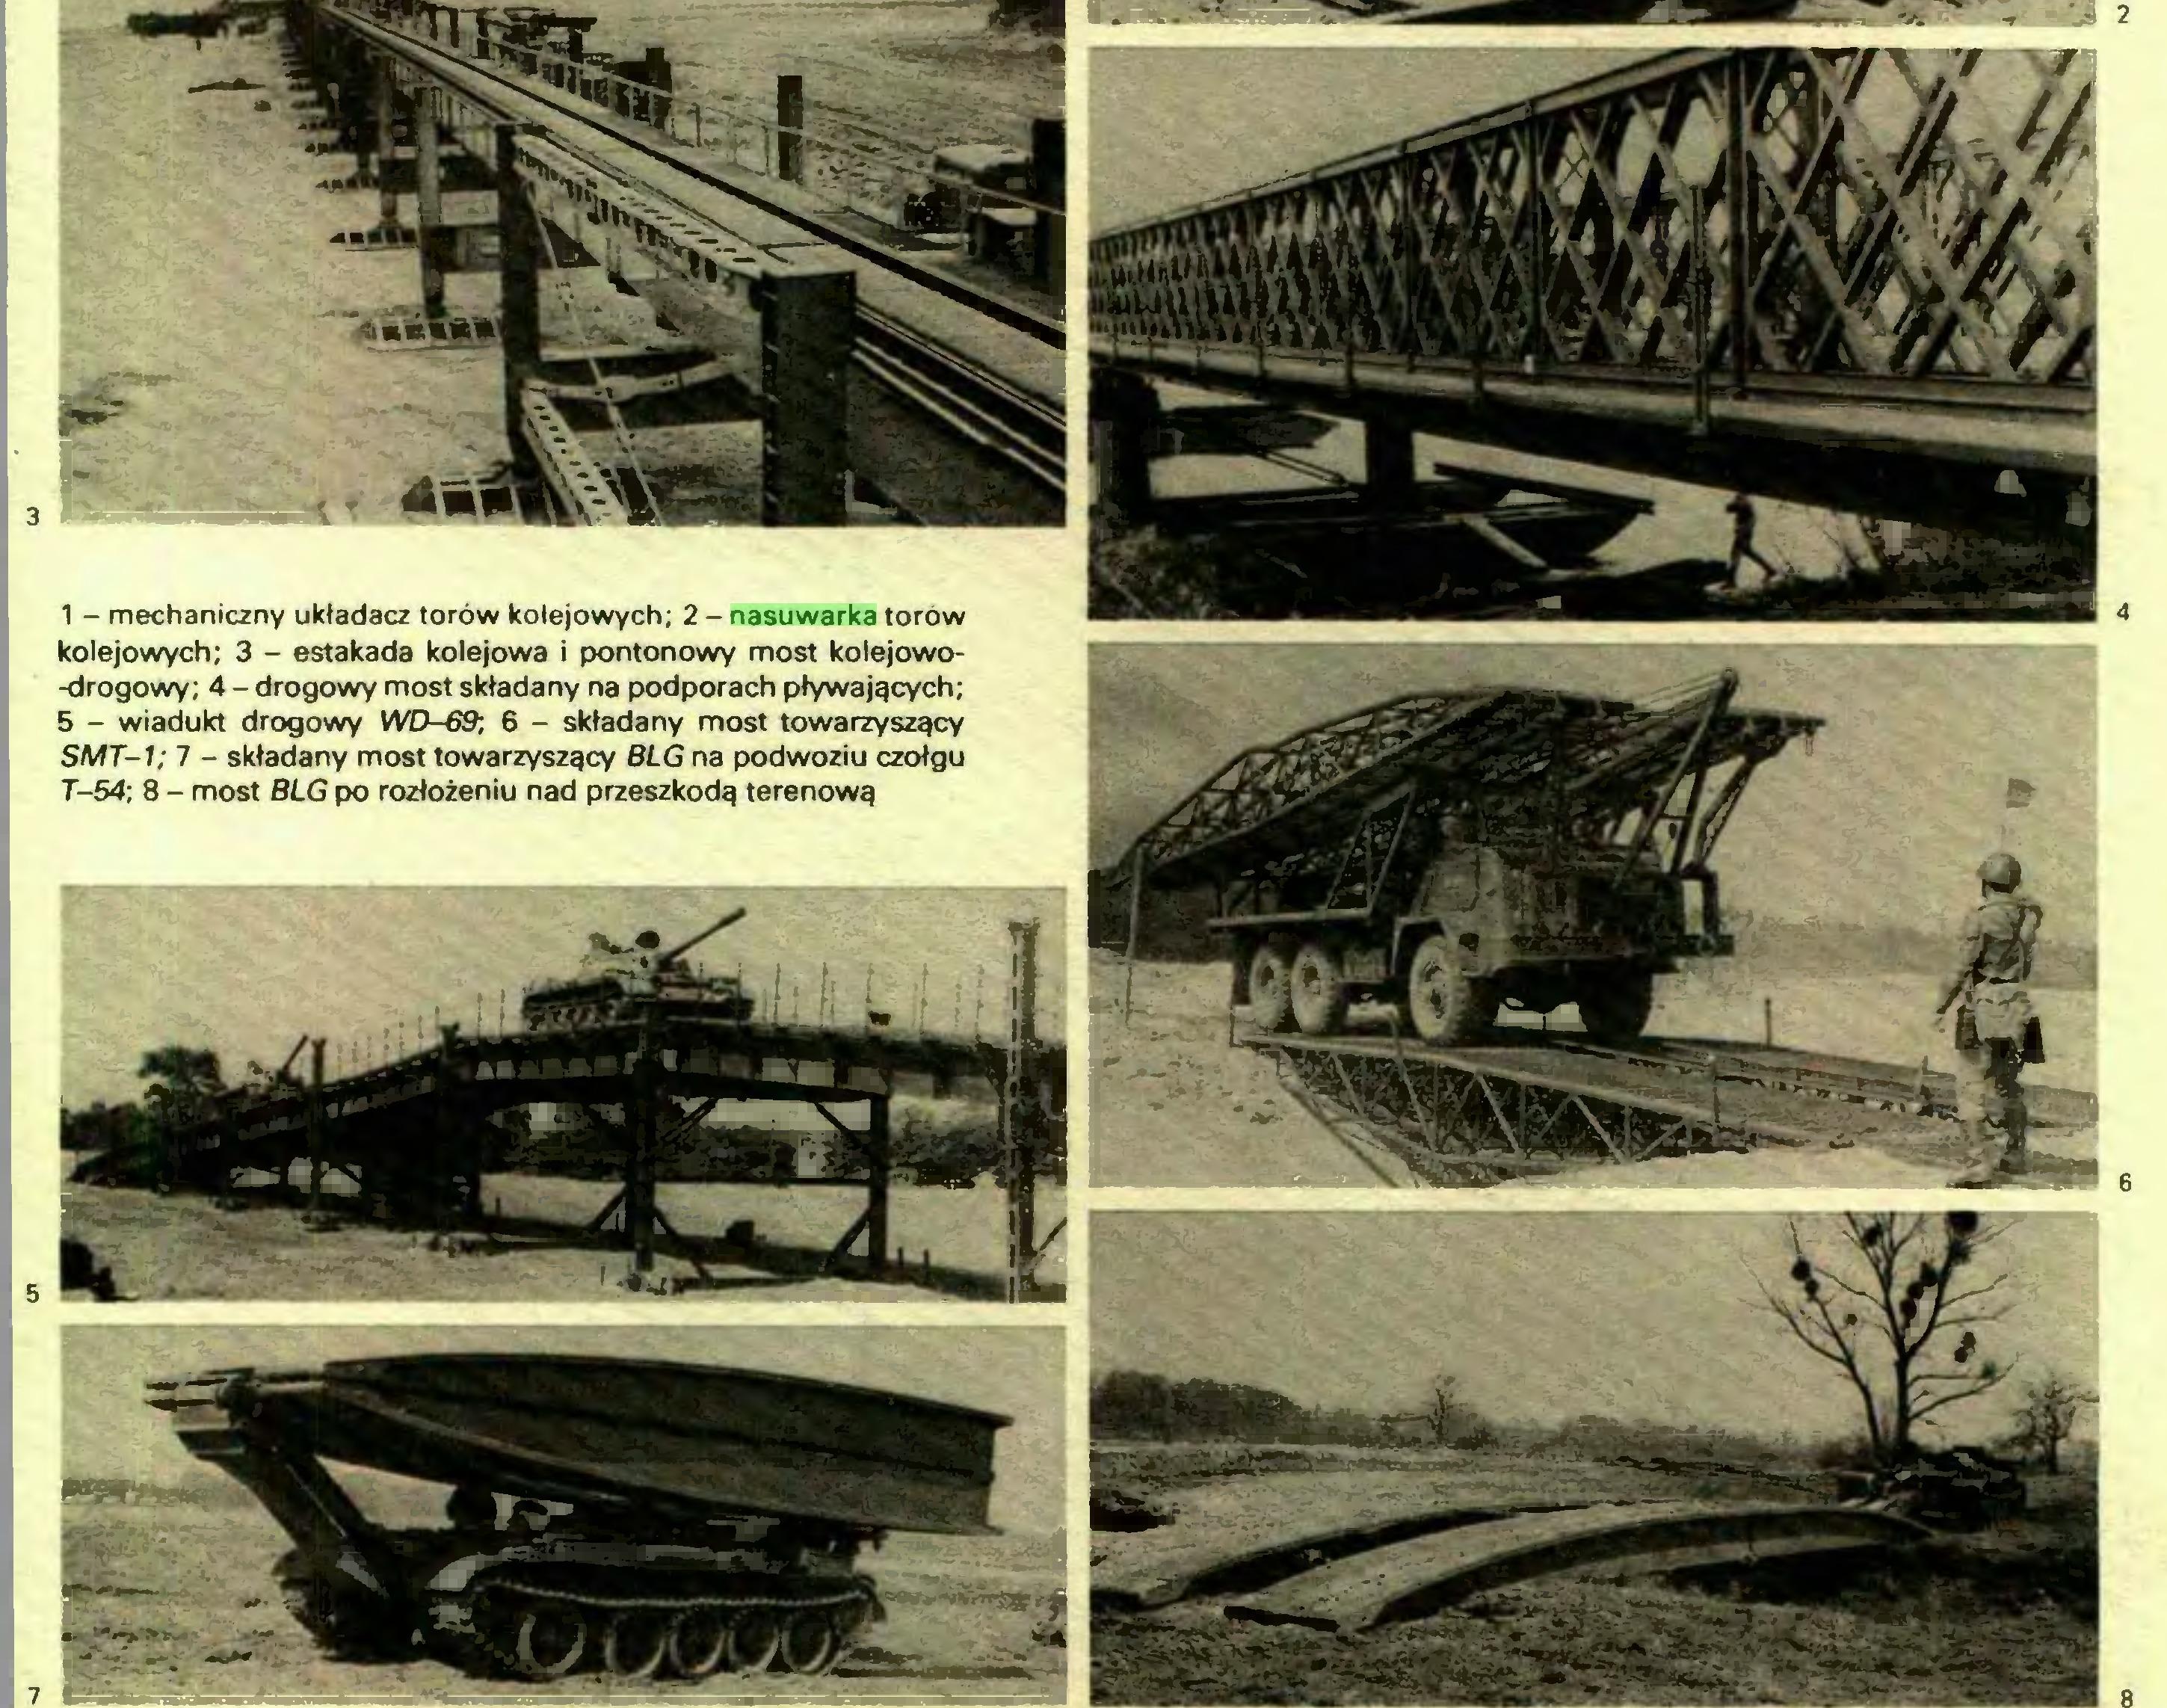 (...) 7 1 - mechaniczny układacz torów kolejowych; 2 - nasuwarka torów kolejowych; 3 - estakada kolejowa i pontonowy most kolejowo-drogowy; 4 - drogowy most składany na podporach pływających; 5 - wiadukt drogowy WD-69; 6 - składany most towarzyszący SMT-1; 7 - składany most towarzyszący BLG na podwoziu czołgu T-54; 8 - most BLG po rozłożeniu nad przeszkodą terenową 2 4...